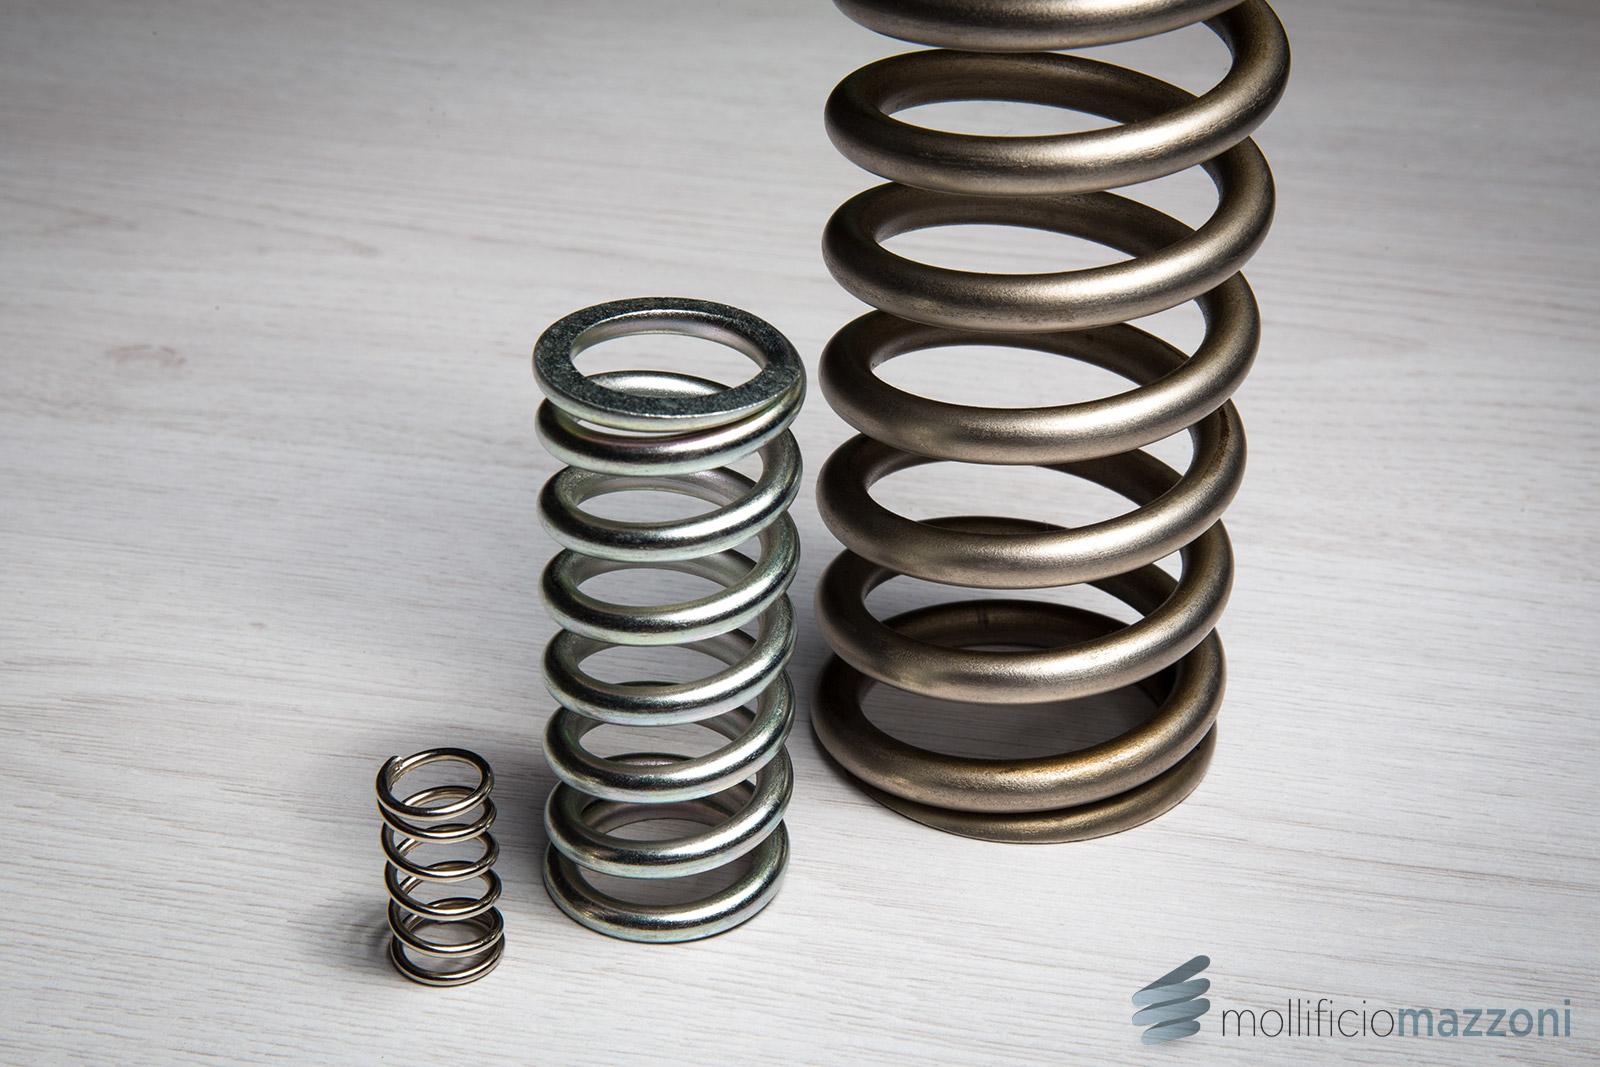 mollificio-mazzoni-molle-compressione-14